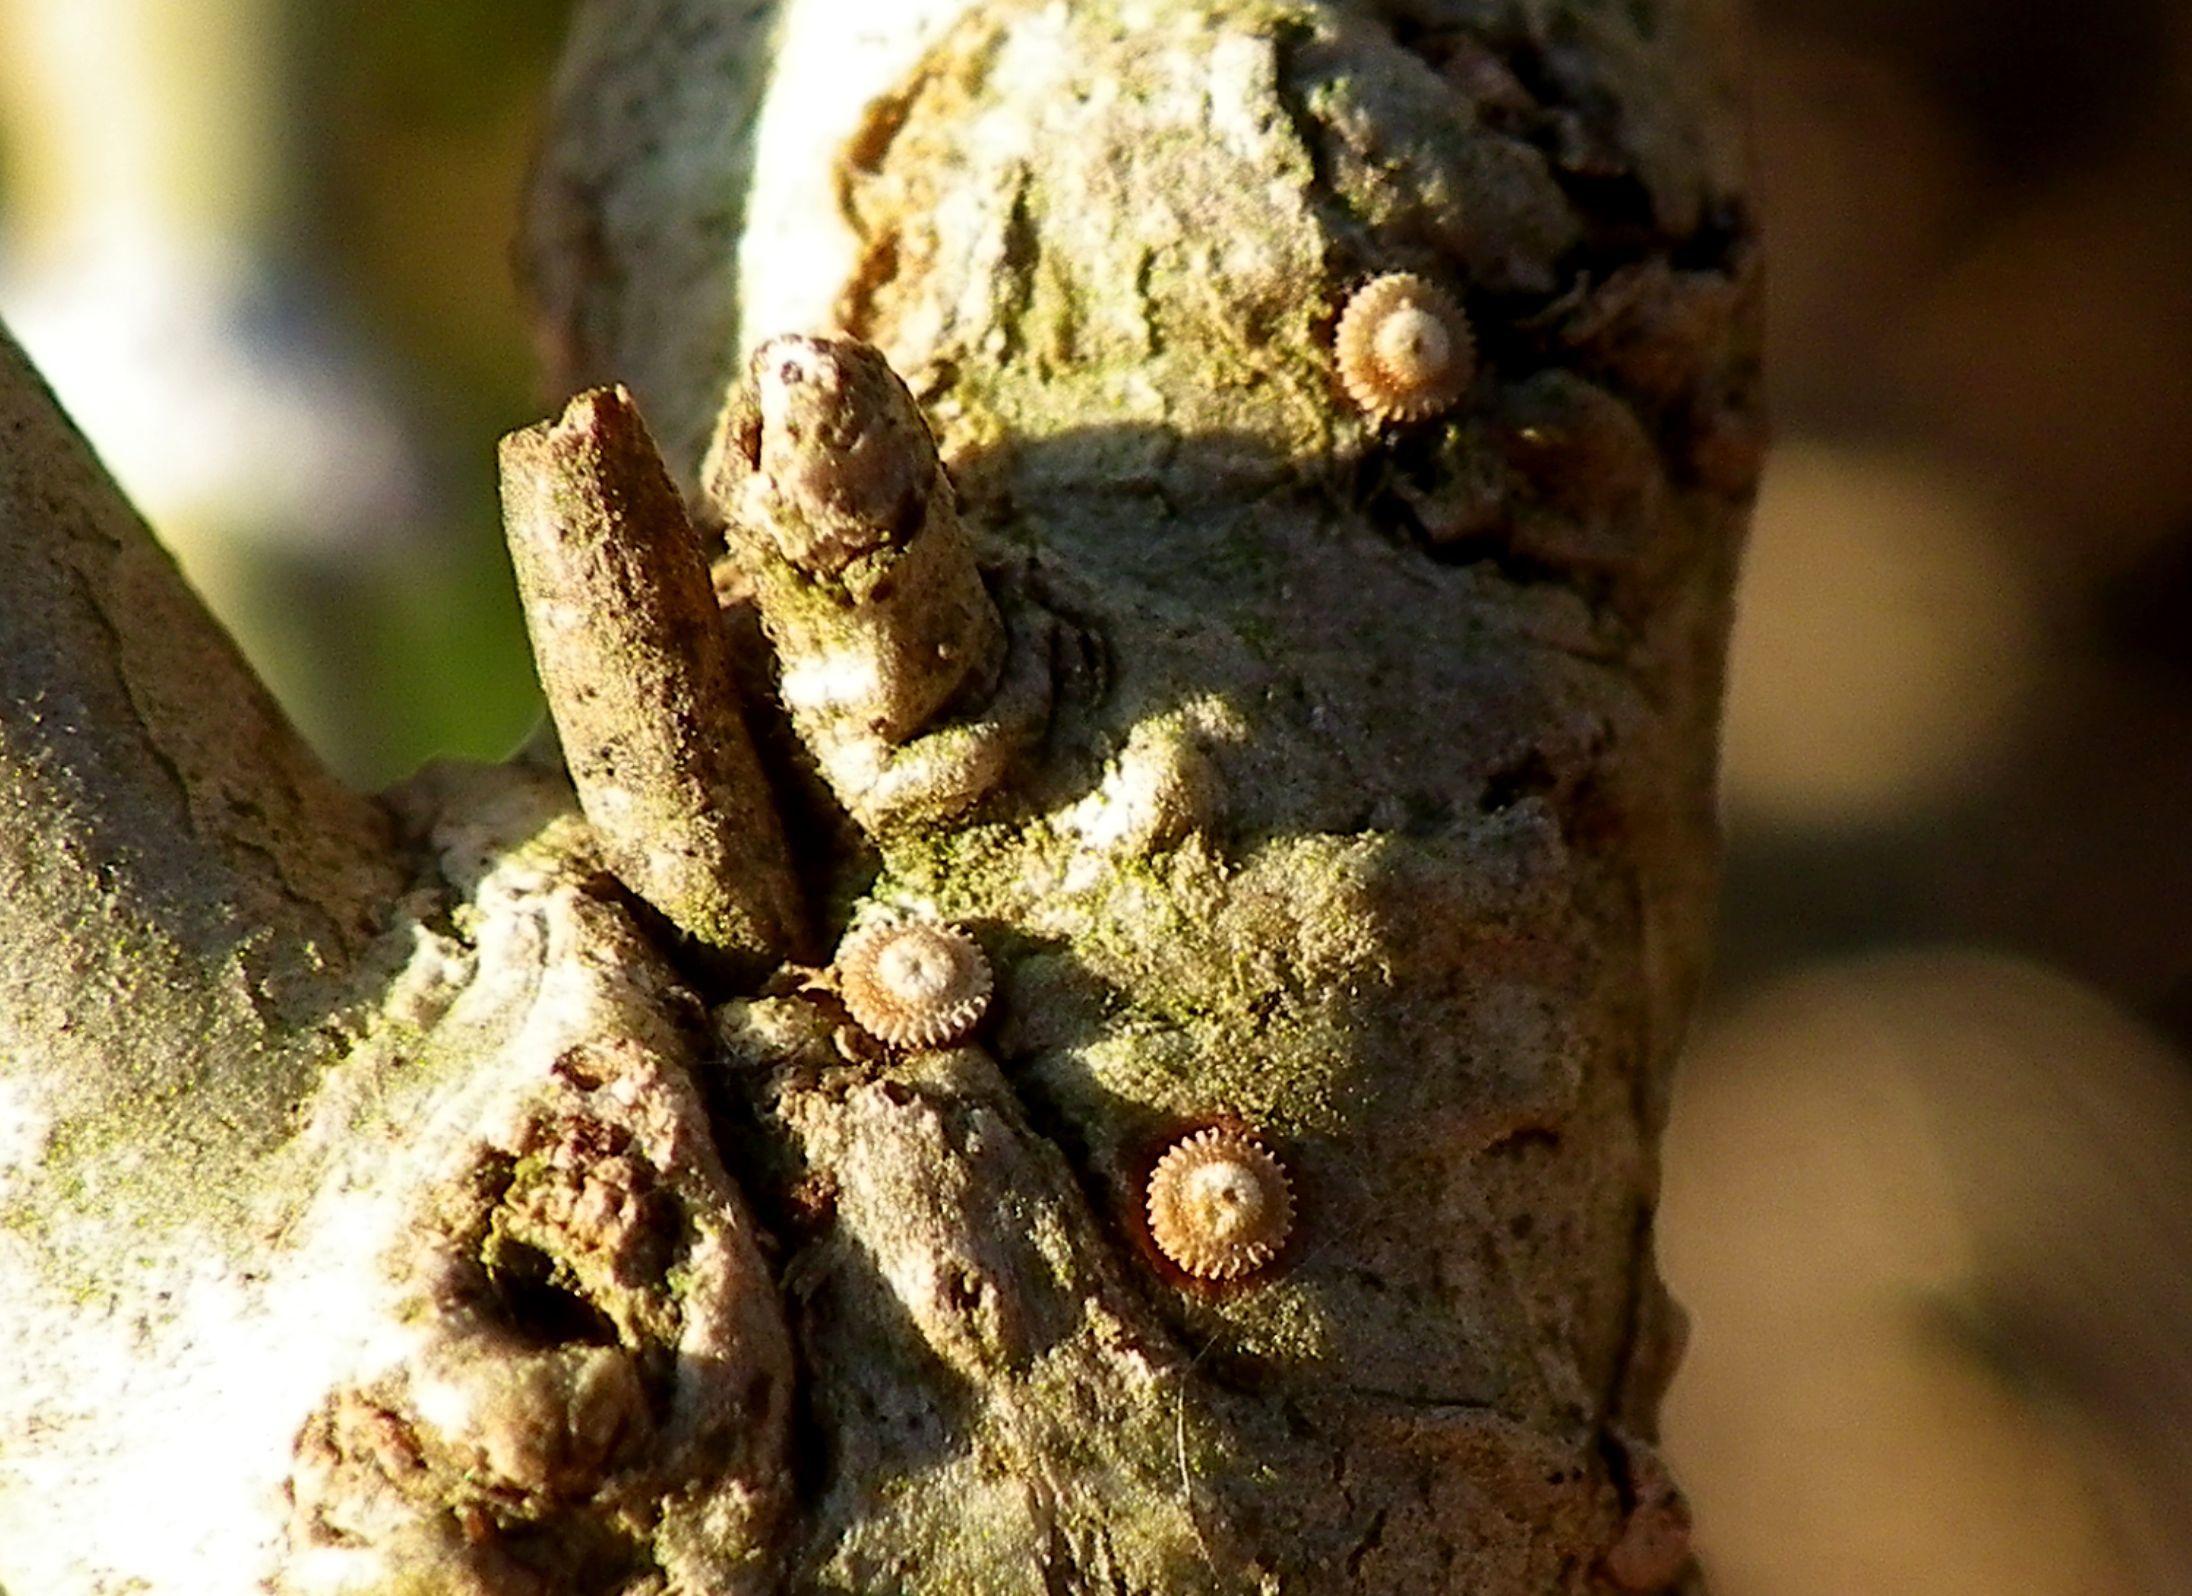 ウラゴマダラシジミ卵他 1月19日_d0254540_16045428.jpg